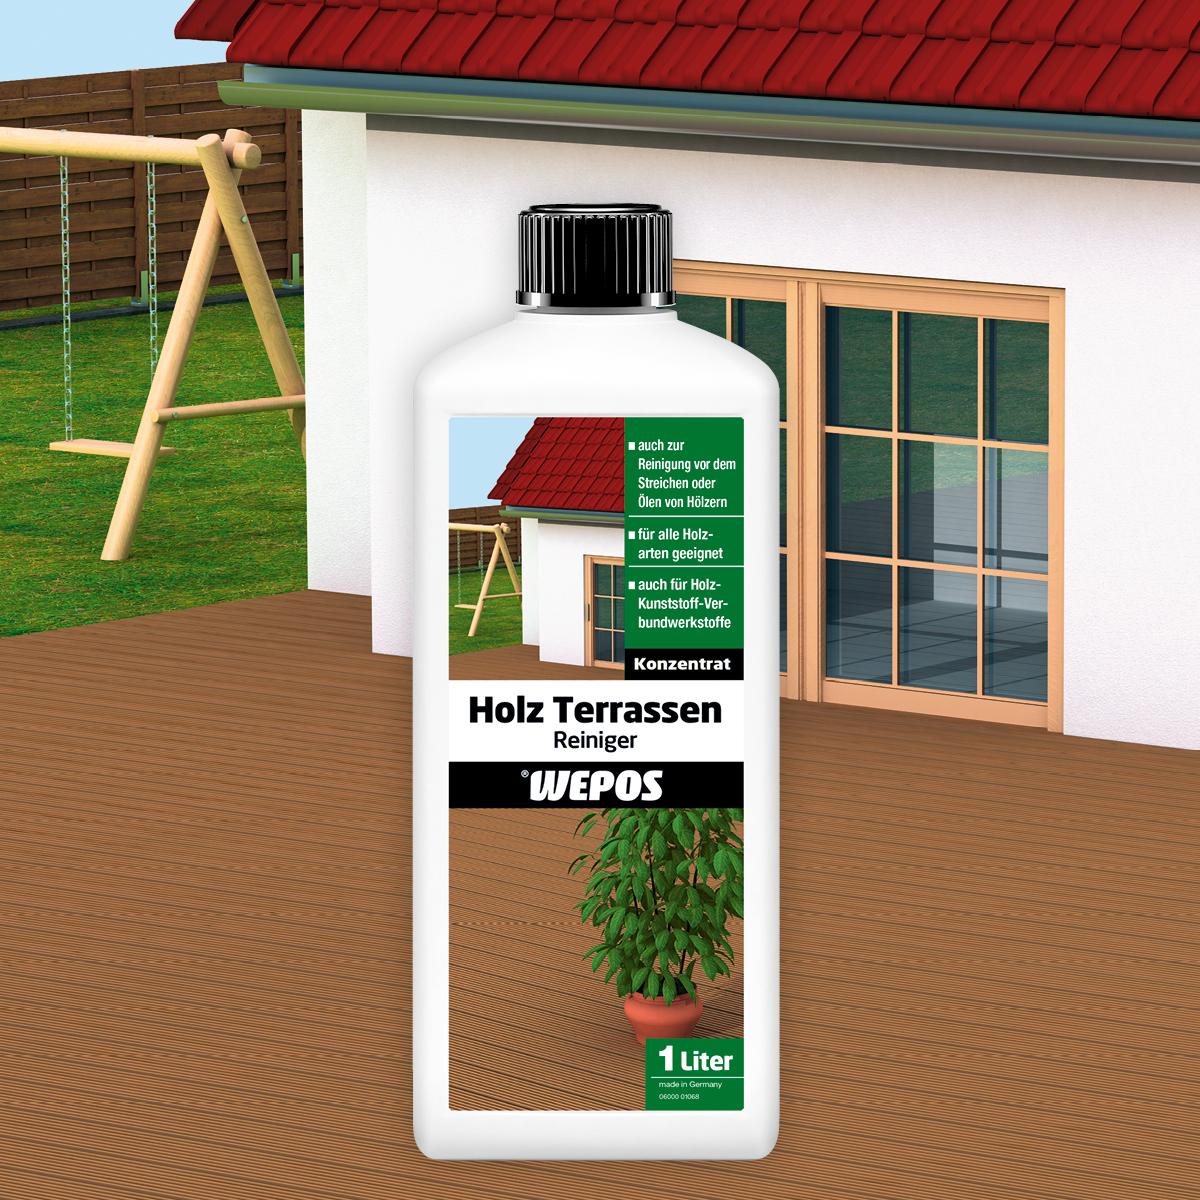 Holz Terrassen Reiniger